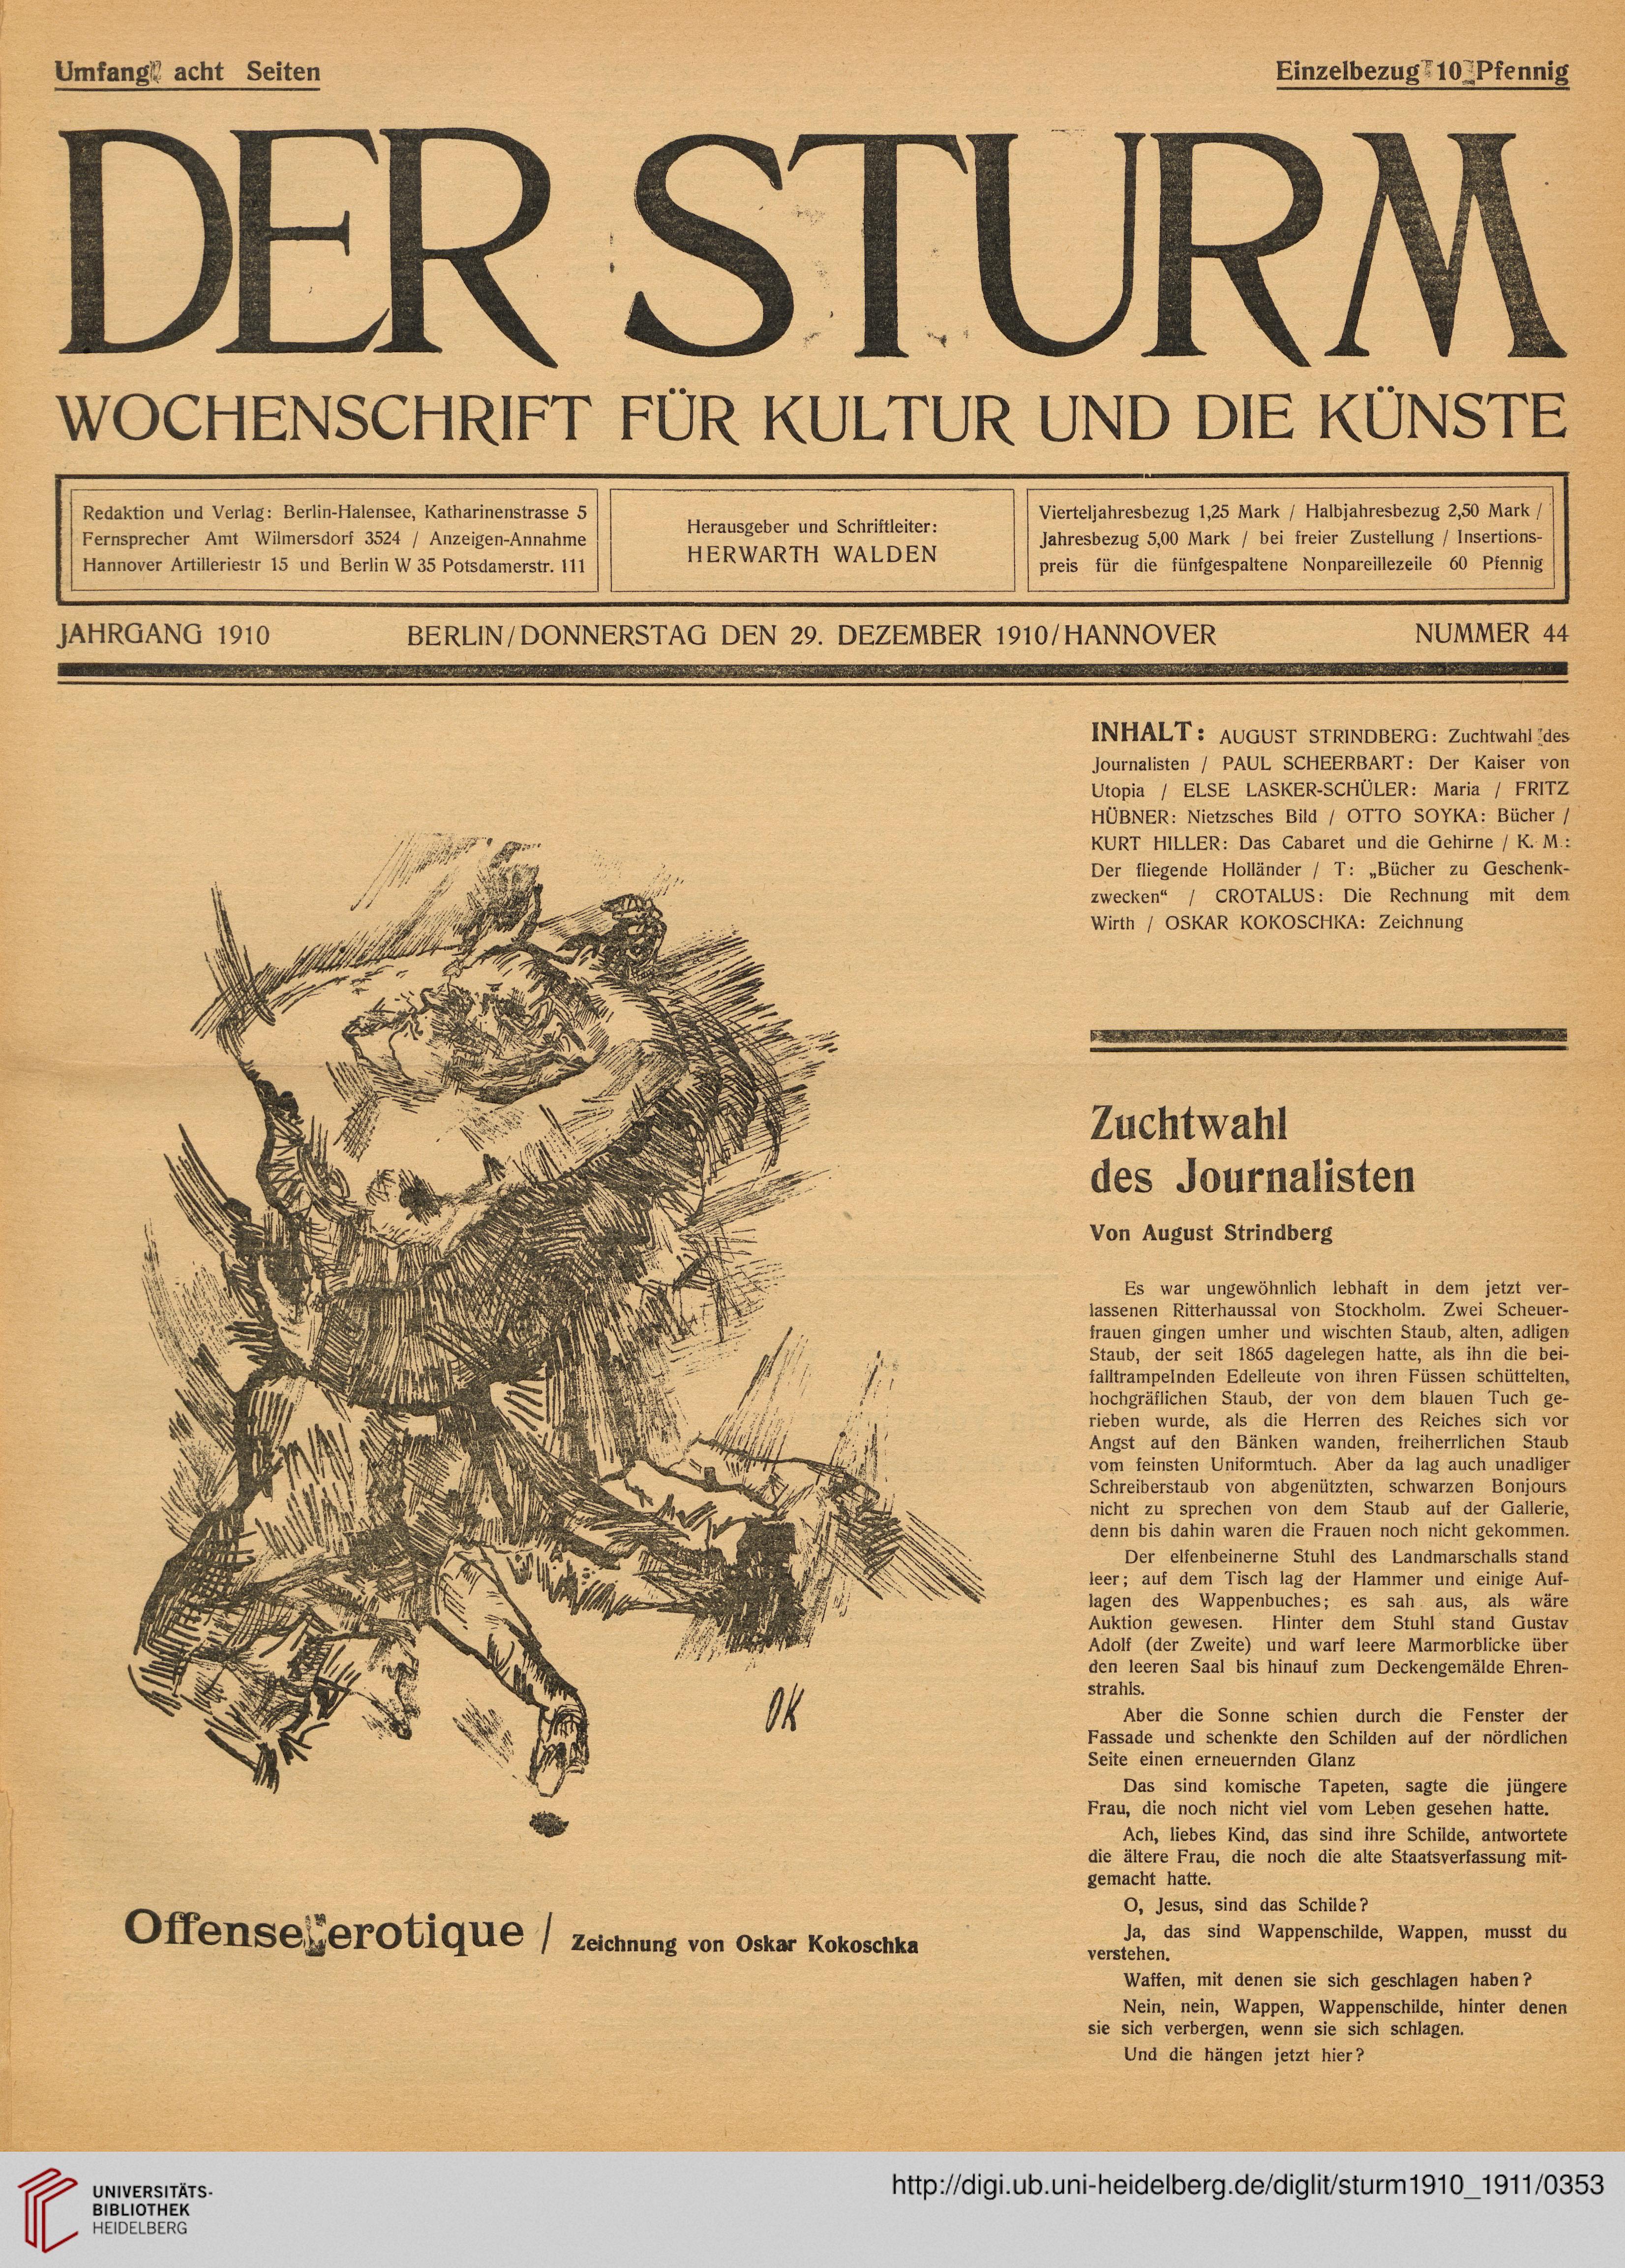 Der Sturm Monatsschrift Für Kultur Und Die Künste 11910 1911